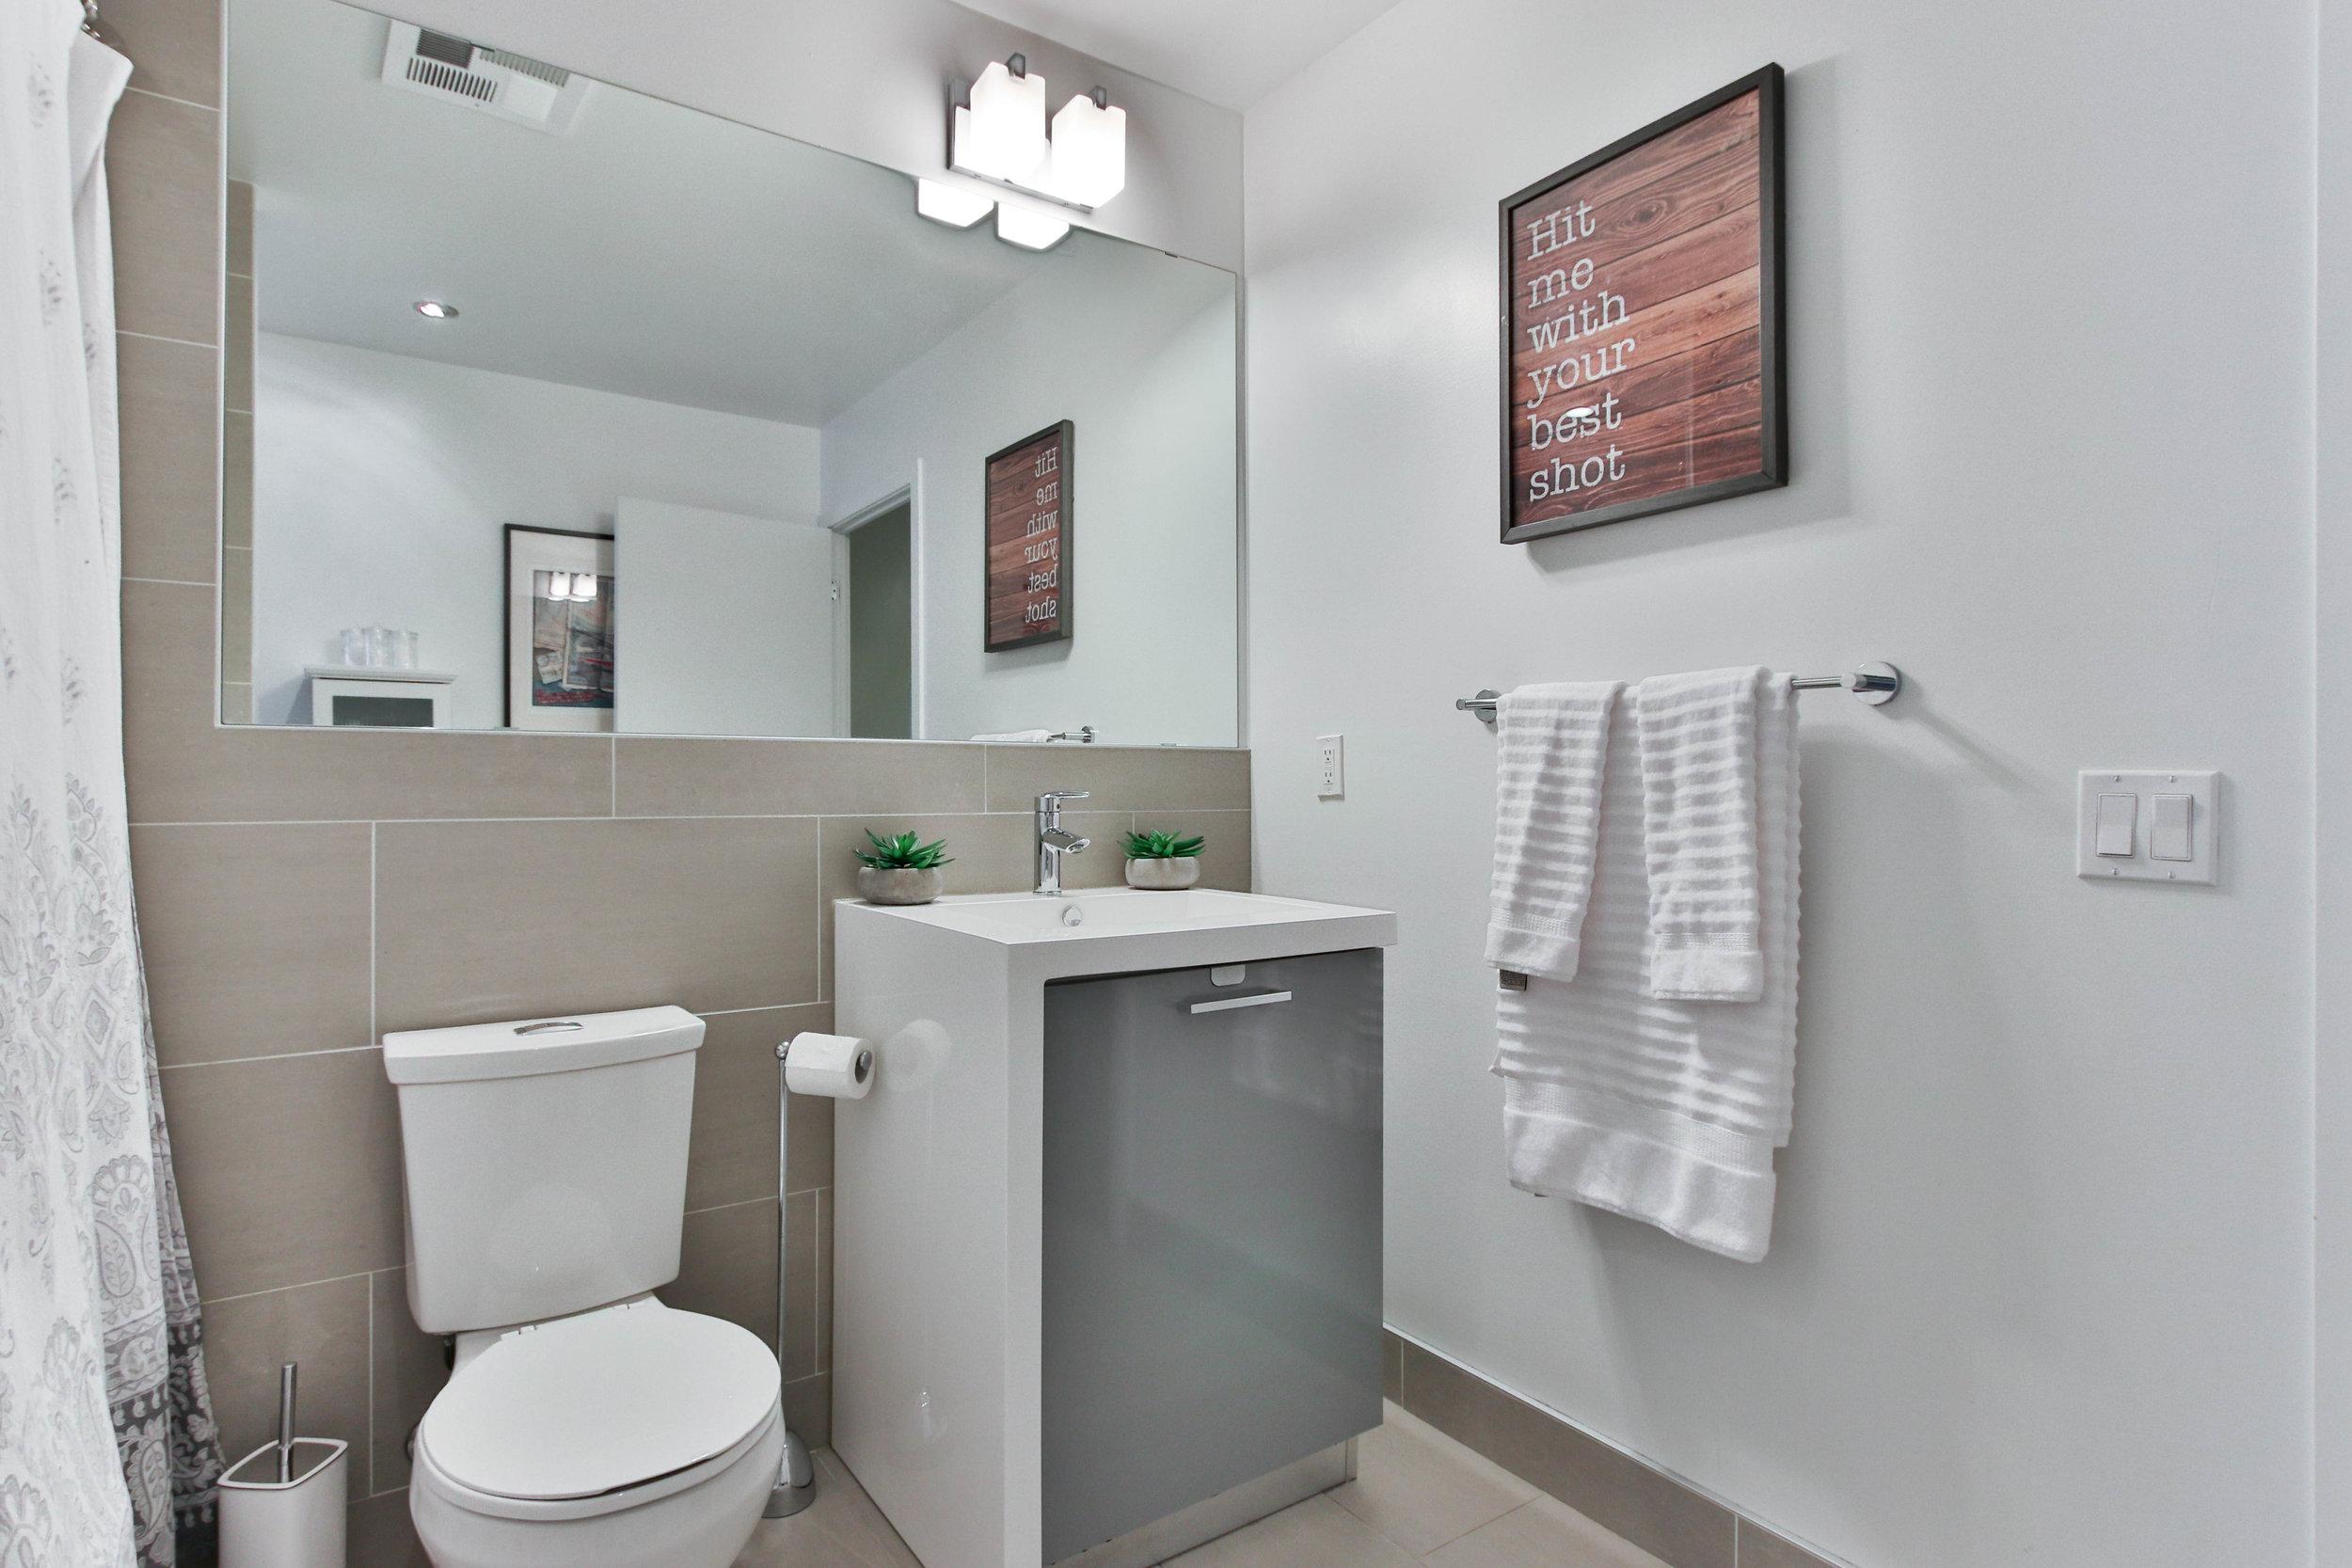 20_Washroom.jpg